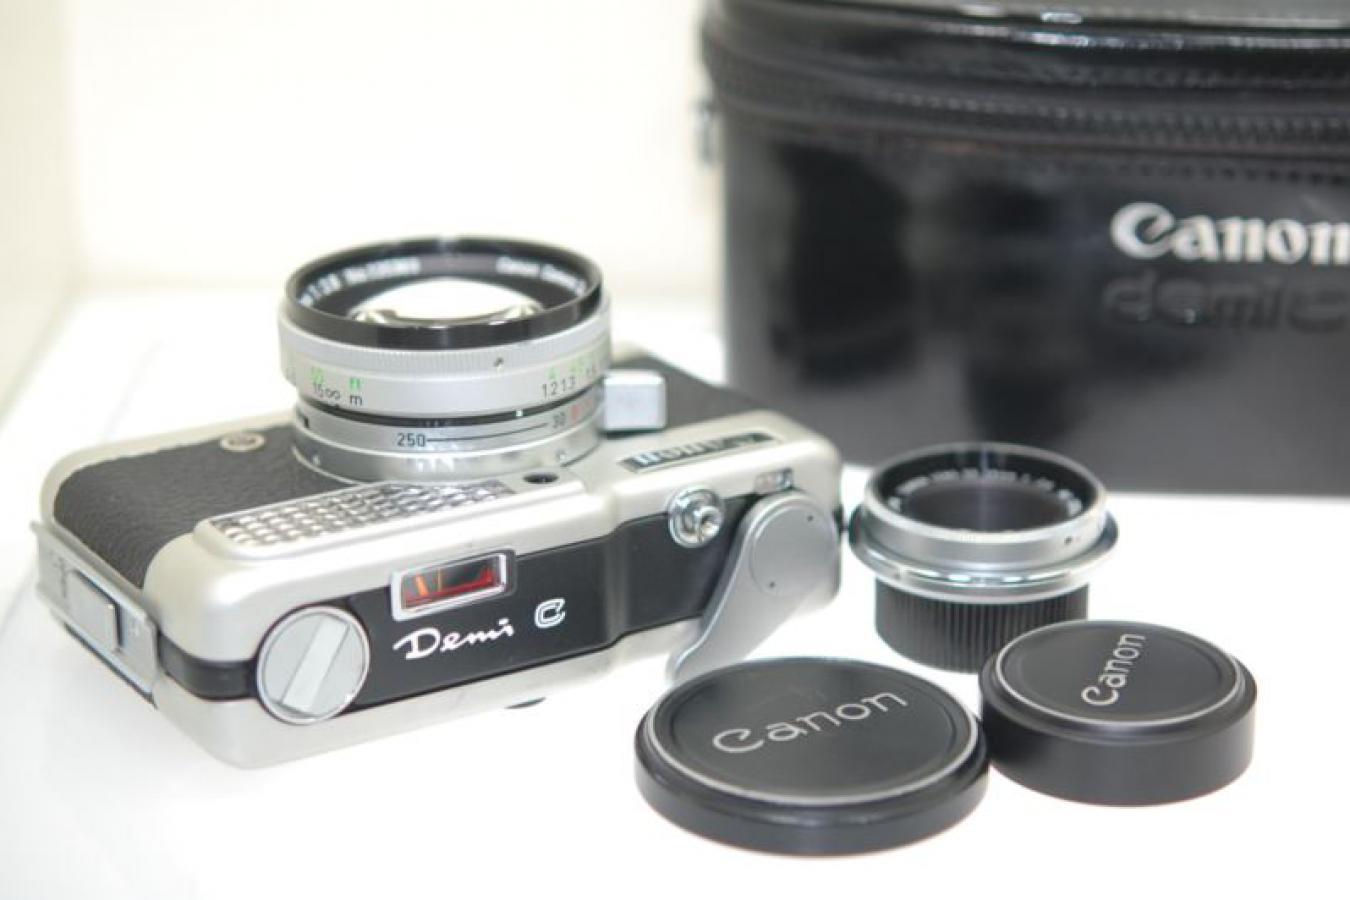 【コレクション向け】 キャノン デミC SD50/2.8、SD28/2.8付 【純正ケース、レンズ2本セット】